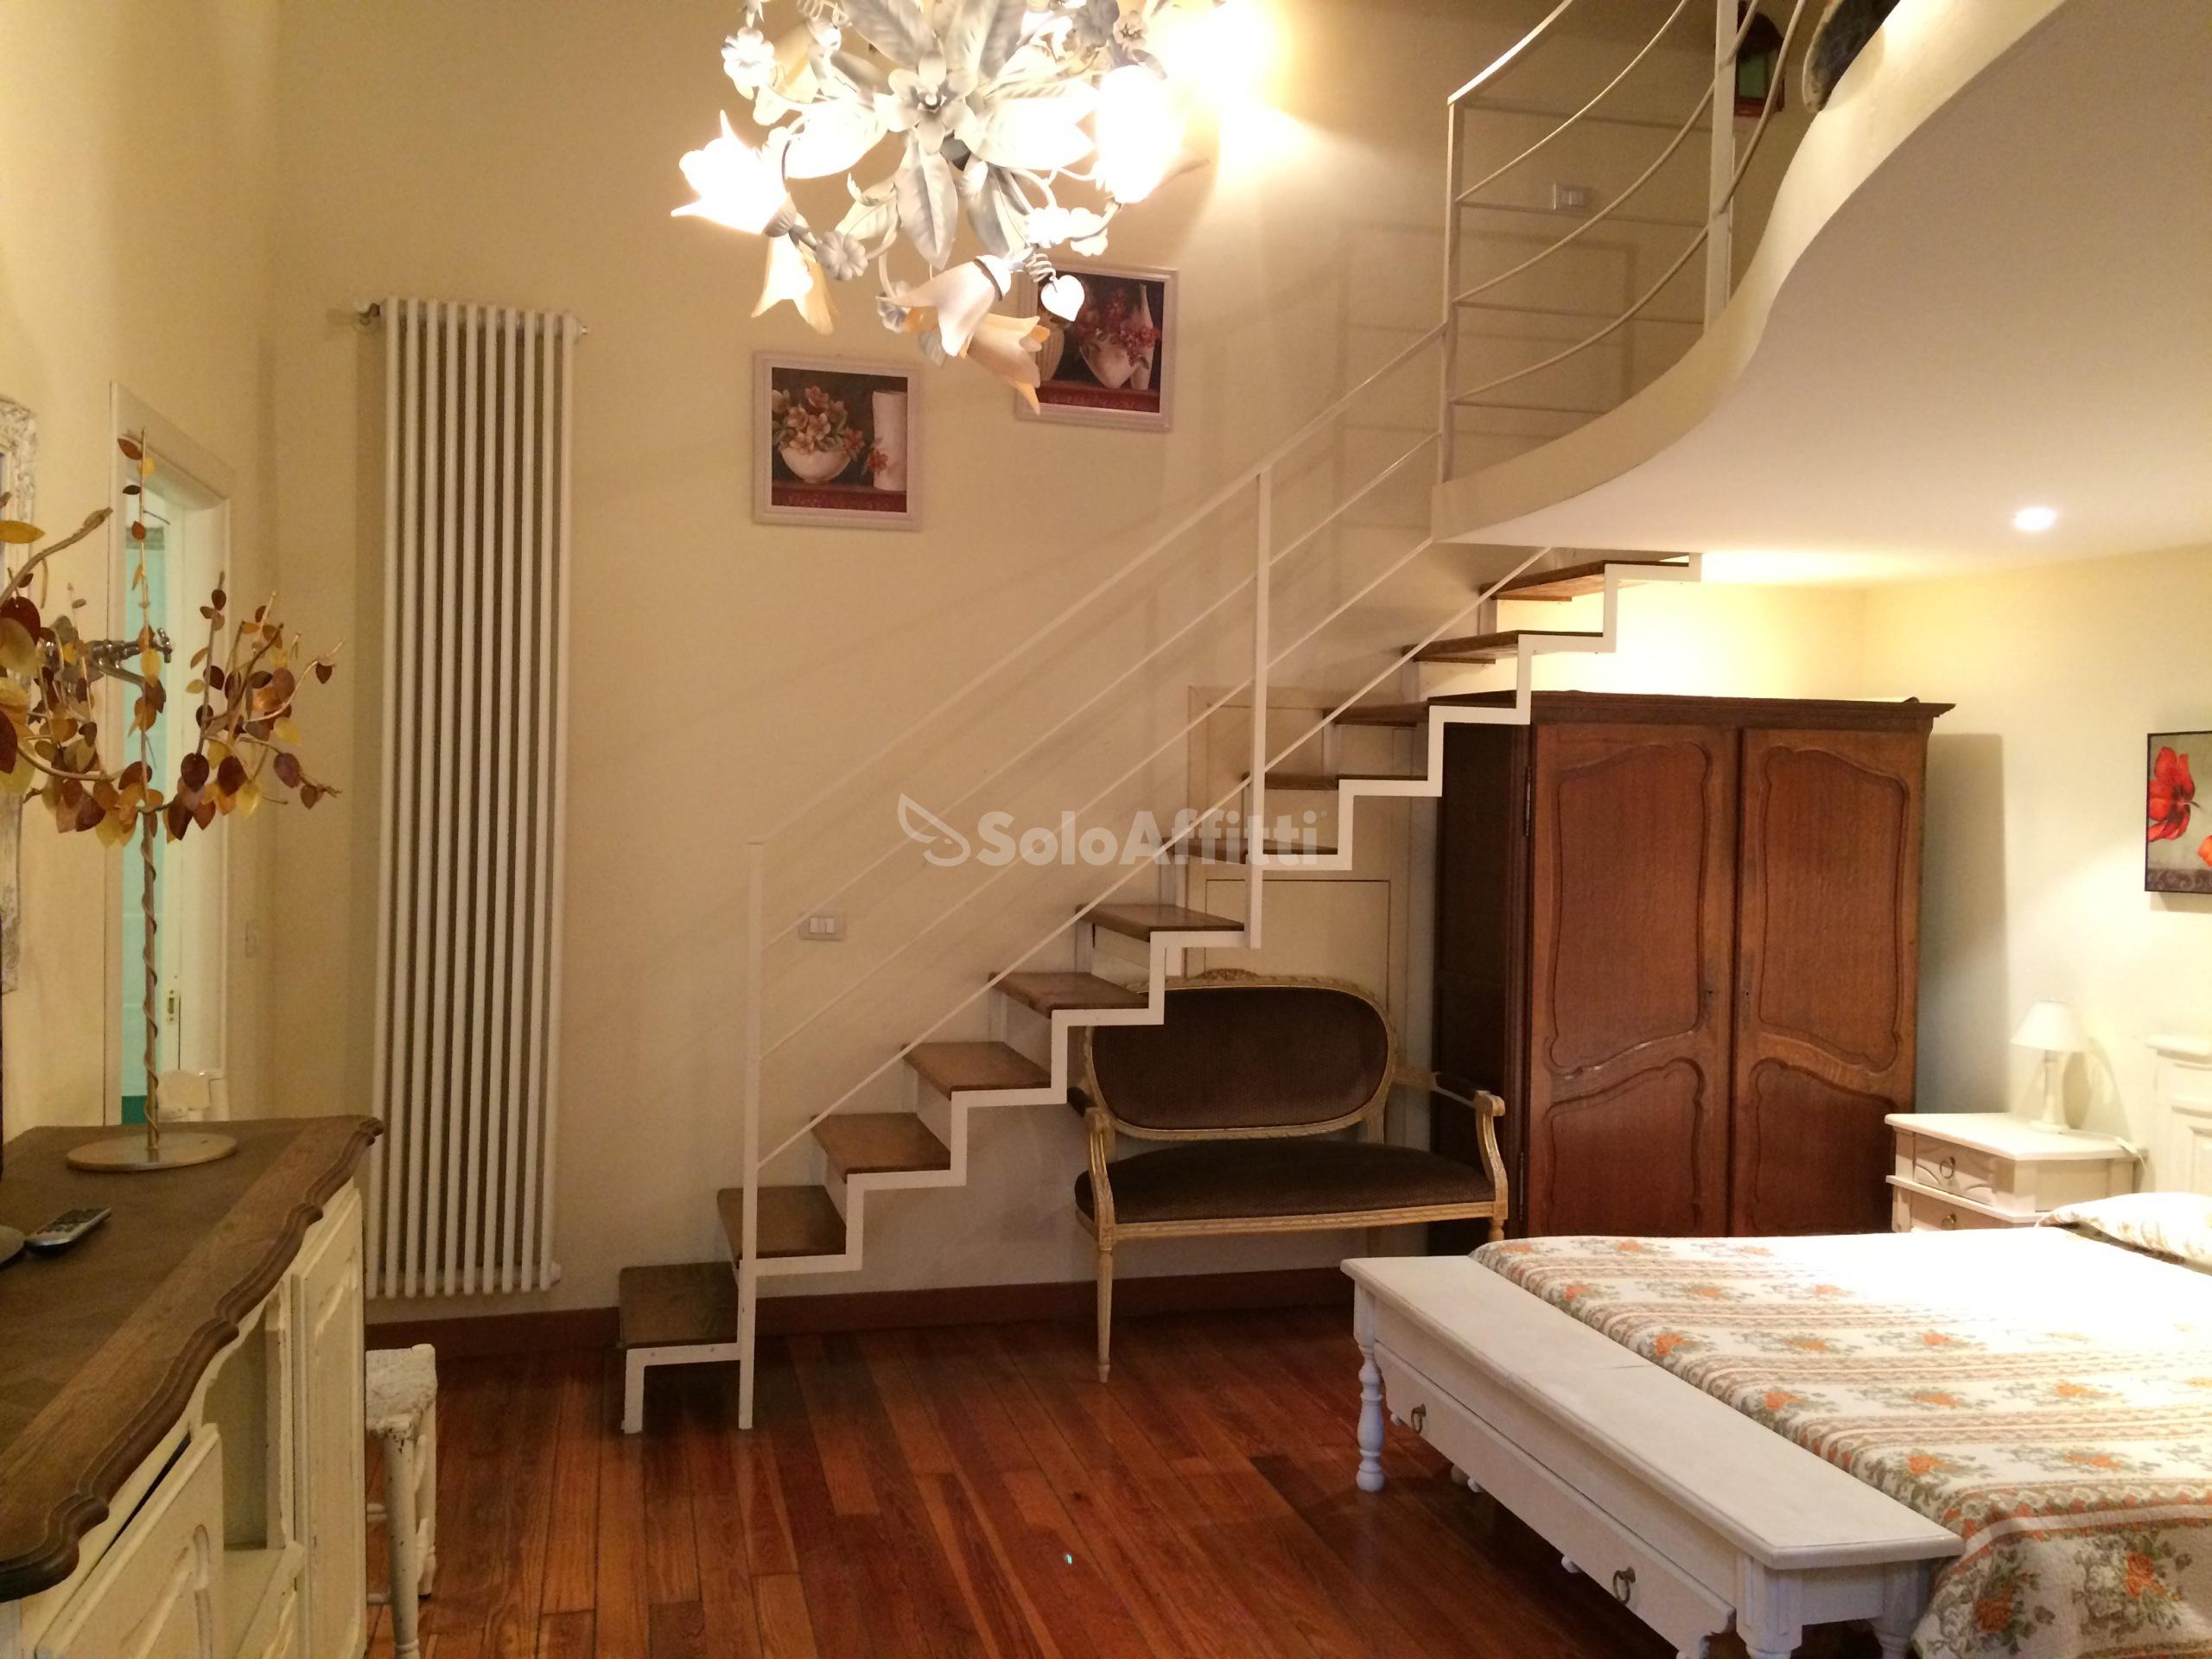 Affitto appartamento monolocale arredato 60 mq for Affitto chieri arredato